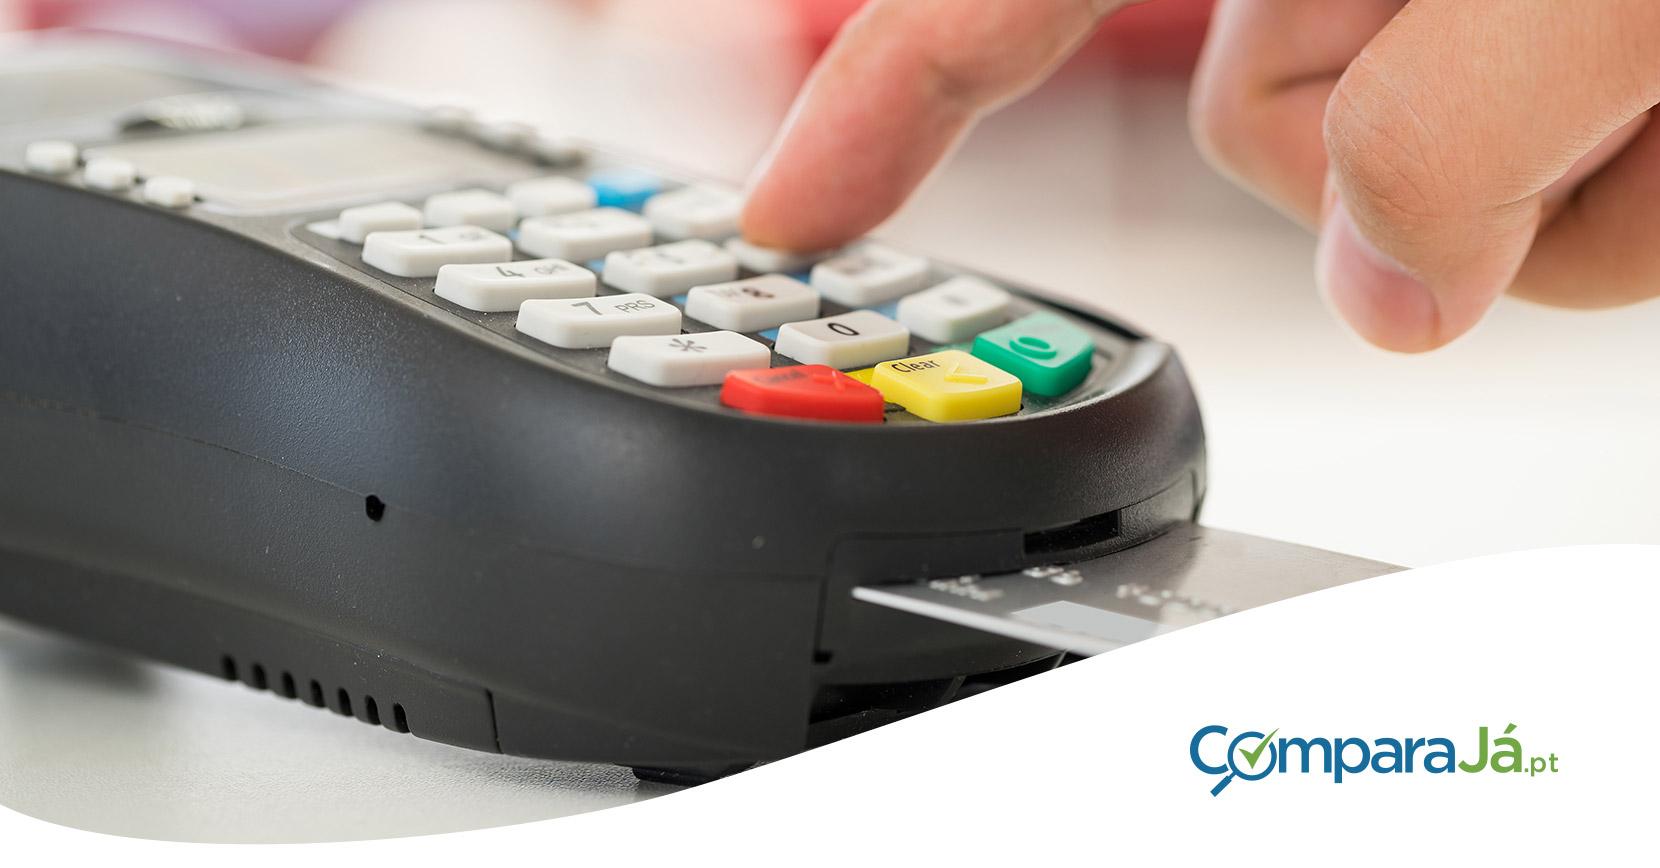 Porque Existem Limites Mínimos de 5€ nos Pagamentos com Multibanco?